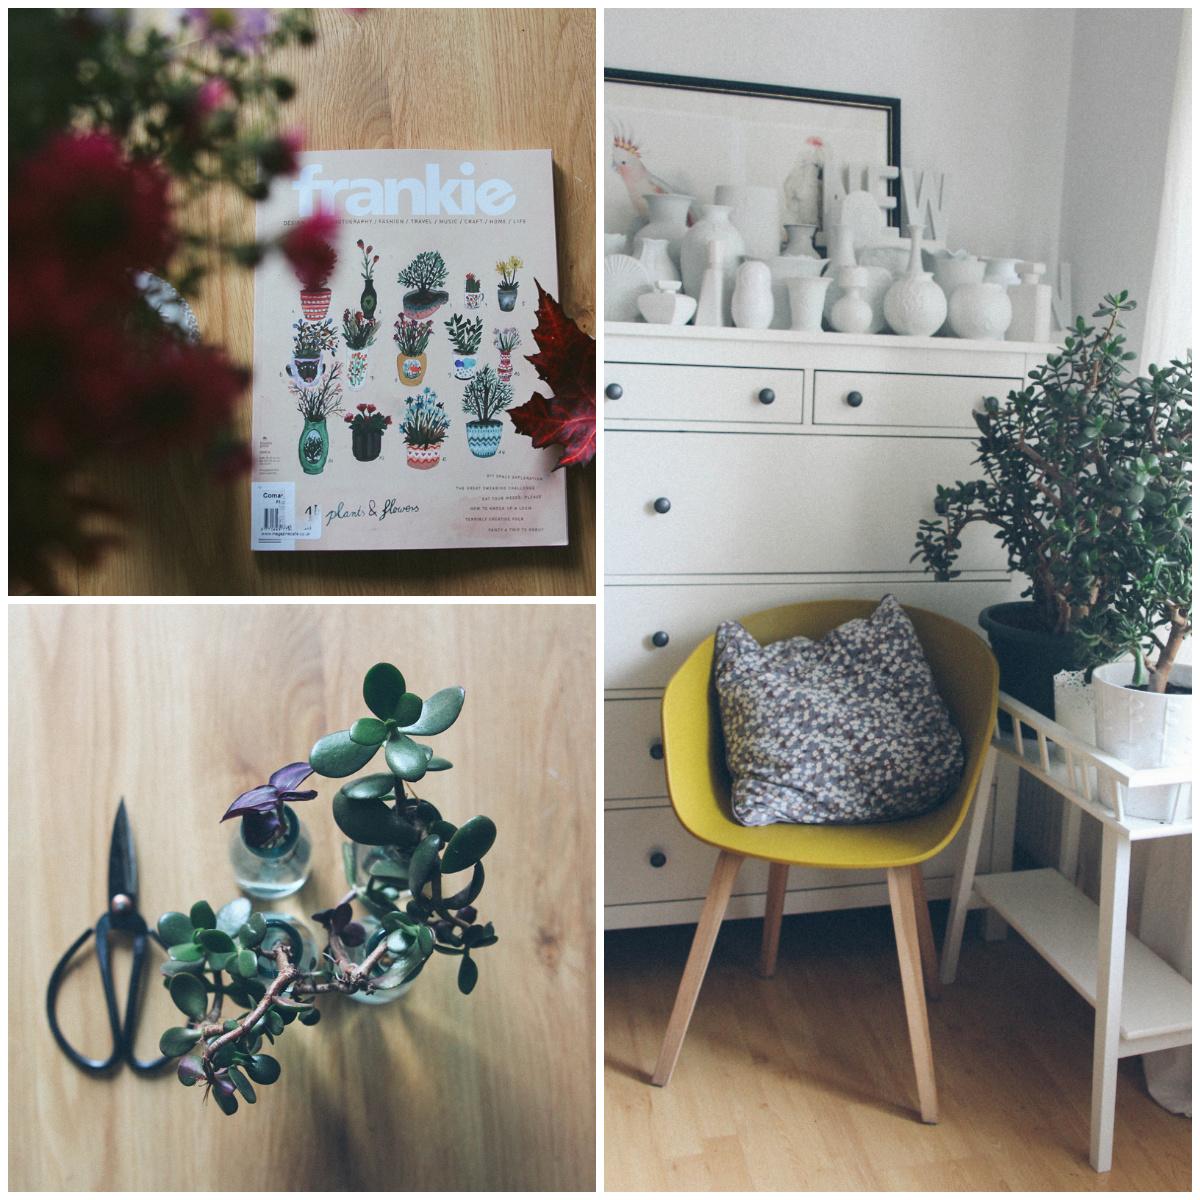 Urban Jungle Bloggers Collage Pflanzen Frankie Magazin